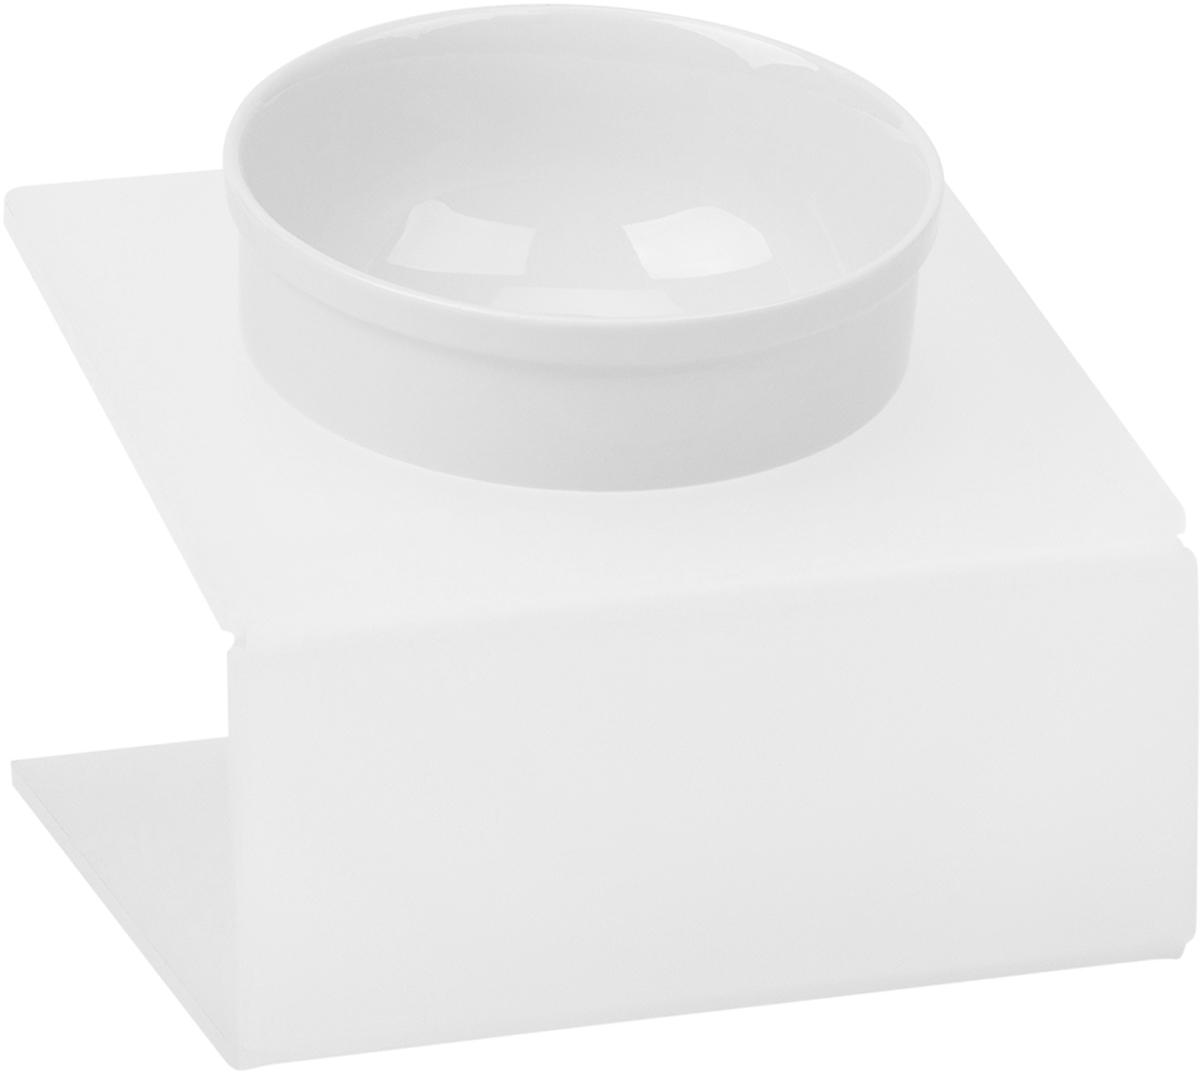 Миска для животныx  Artmiska , одинарная, на подставке, цвет: белый, 1 x 350 мл